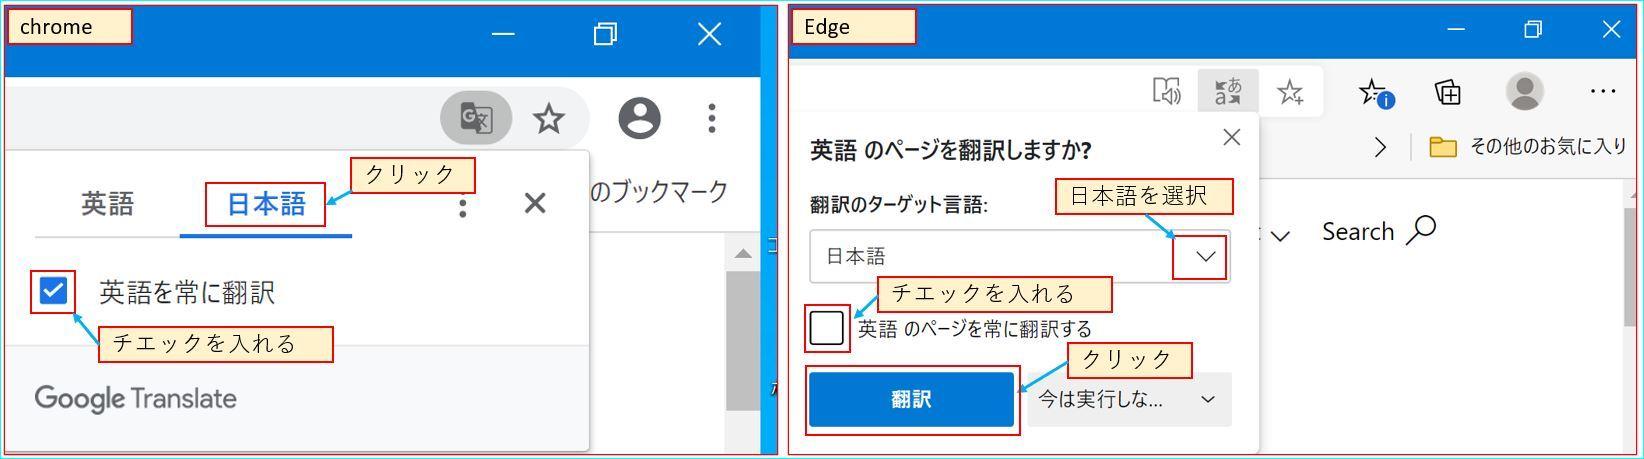 翻訳200921